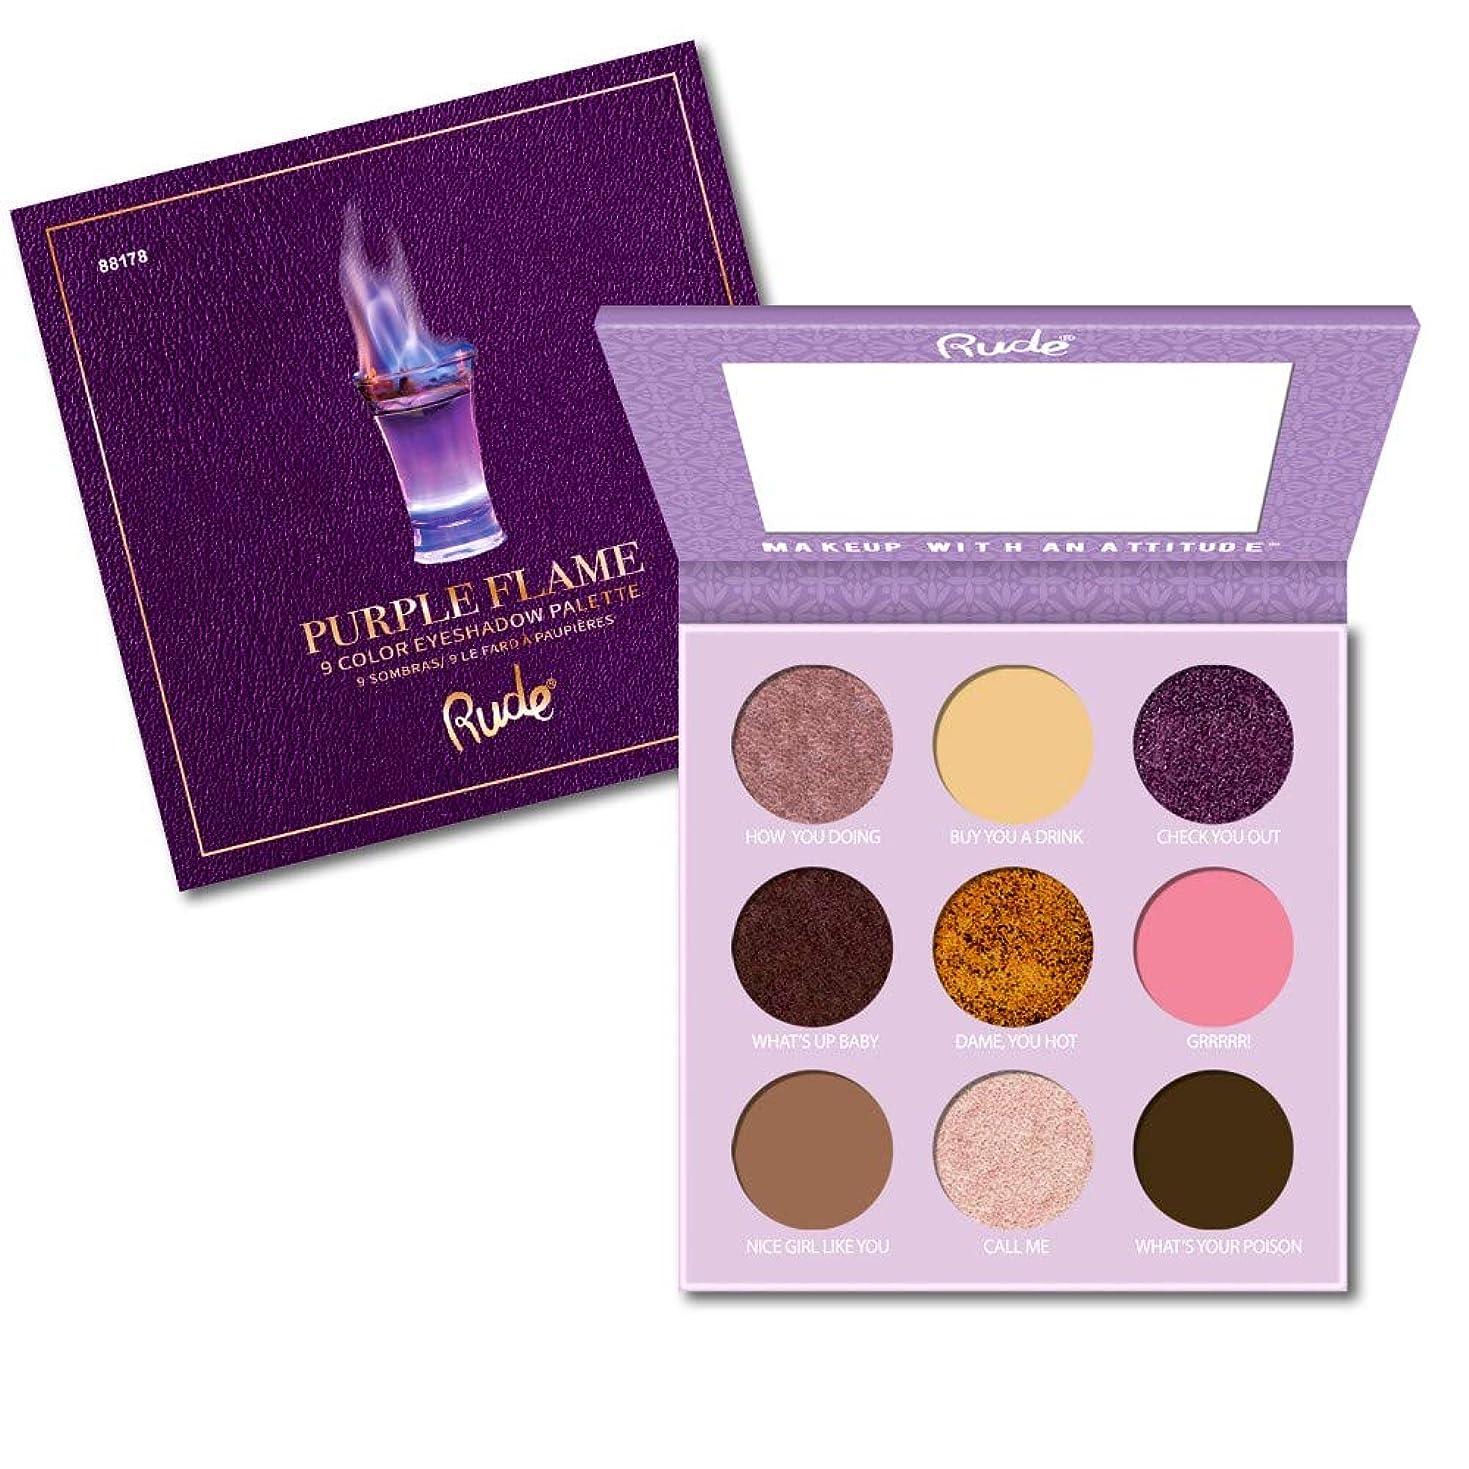 ヘビーフラスコ自宅で(6 Pack) RUDE Cocktail Party 9 Color Eyeshadow Palette - Purple Flame (並行輸入品)